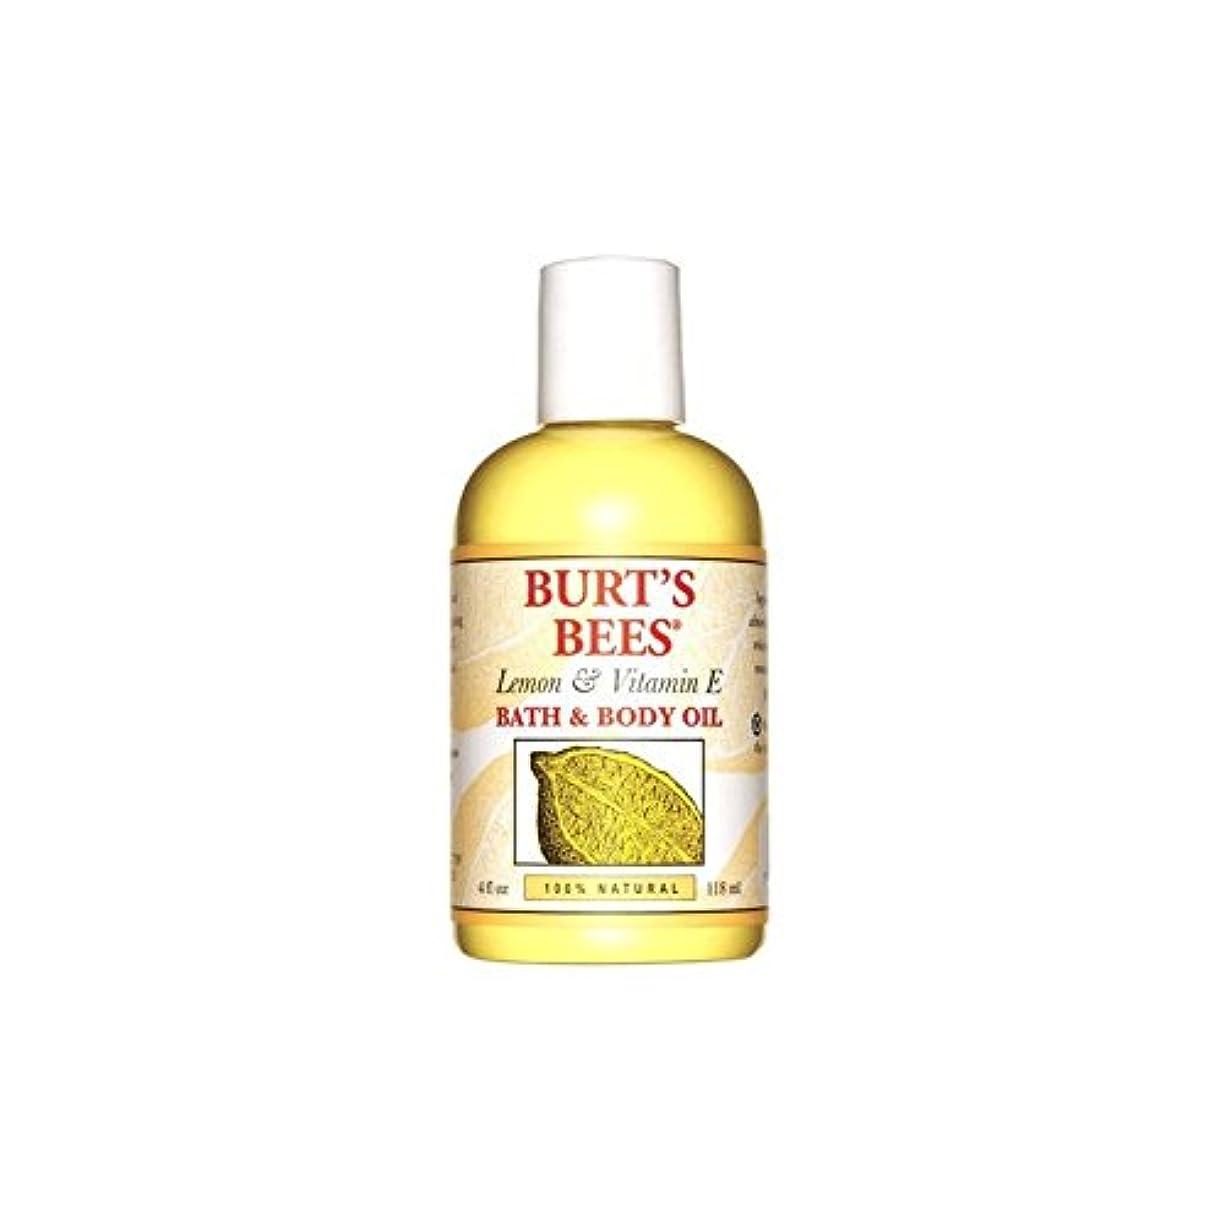 退屈出発理論Burt's Bees Lemon & Vitamin E Bath & Body Oil (4 fl oz / 118ml) - バーツビーレモン&ビタミンバス&ボディオイル(4オンス/ 118ミリリットル) [並行輸入品]